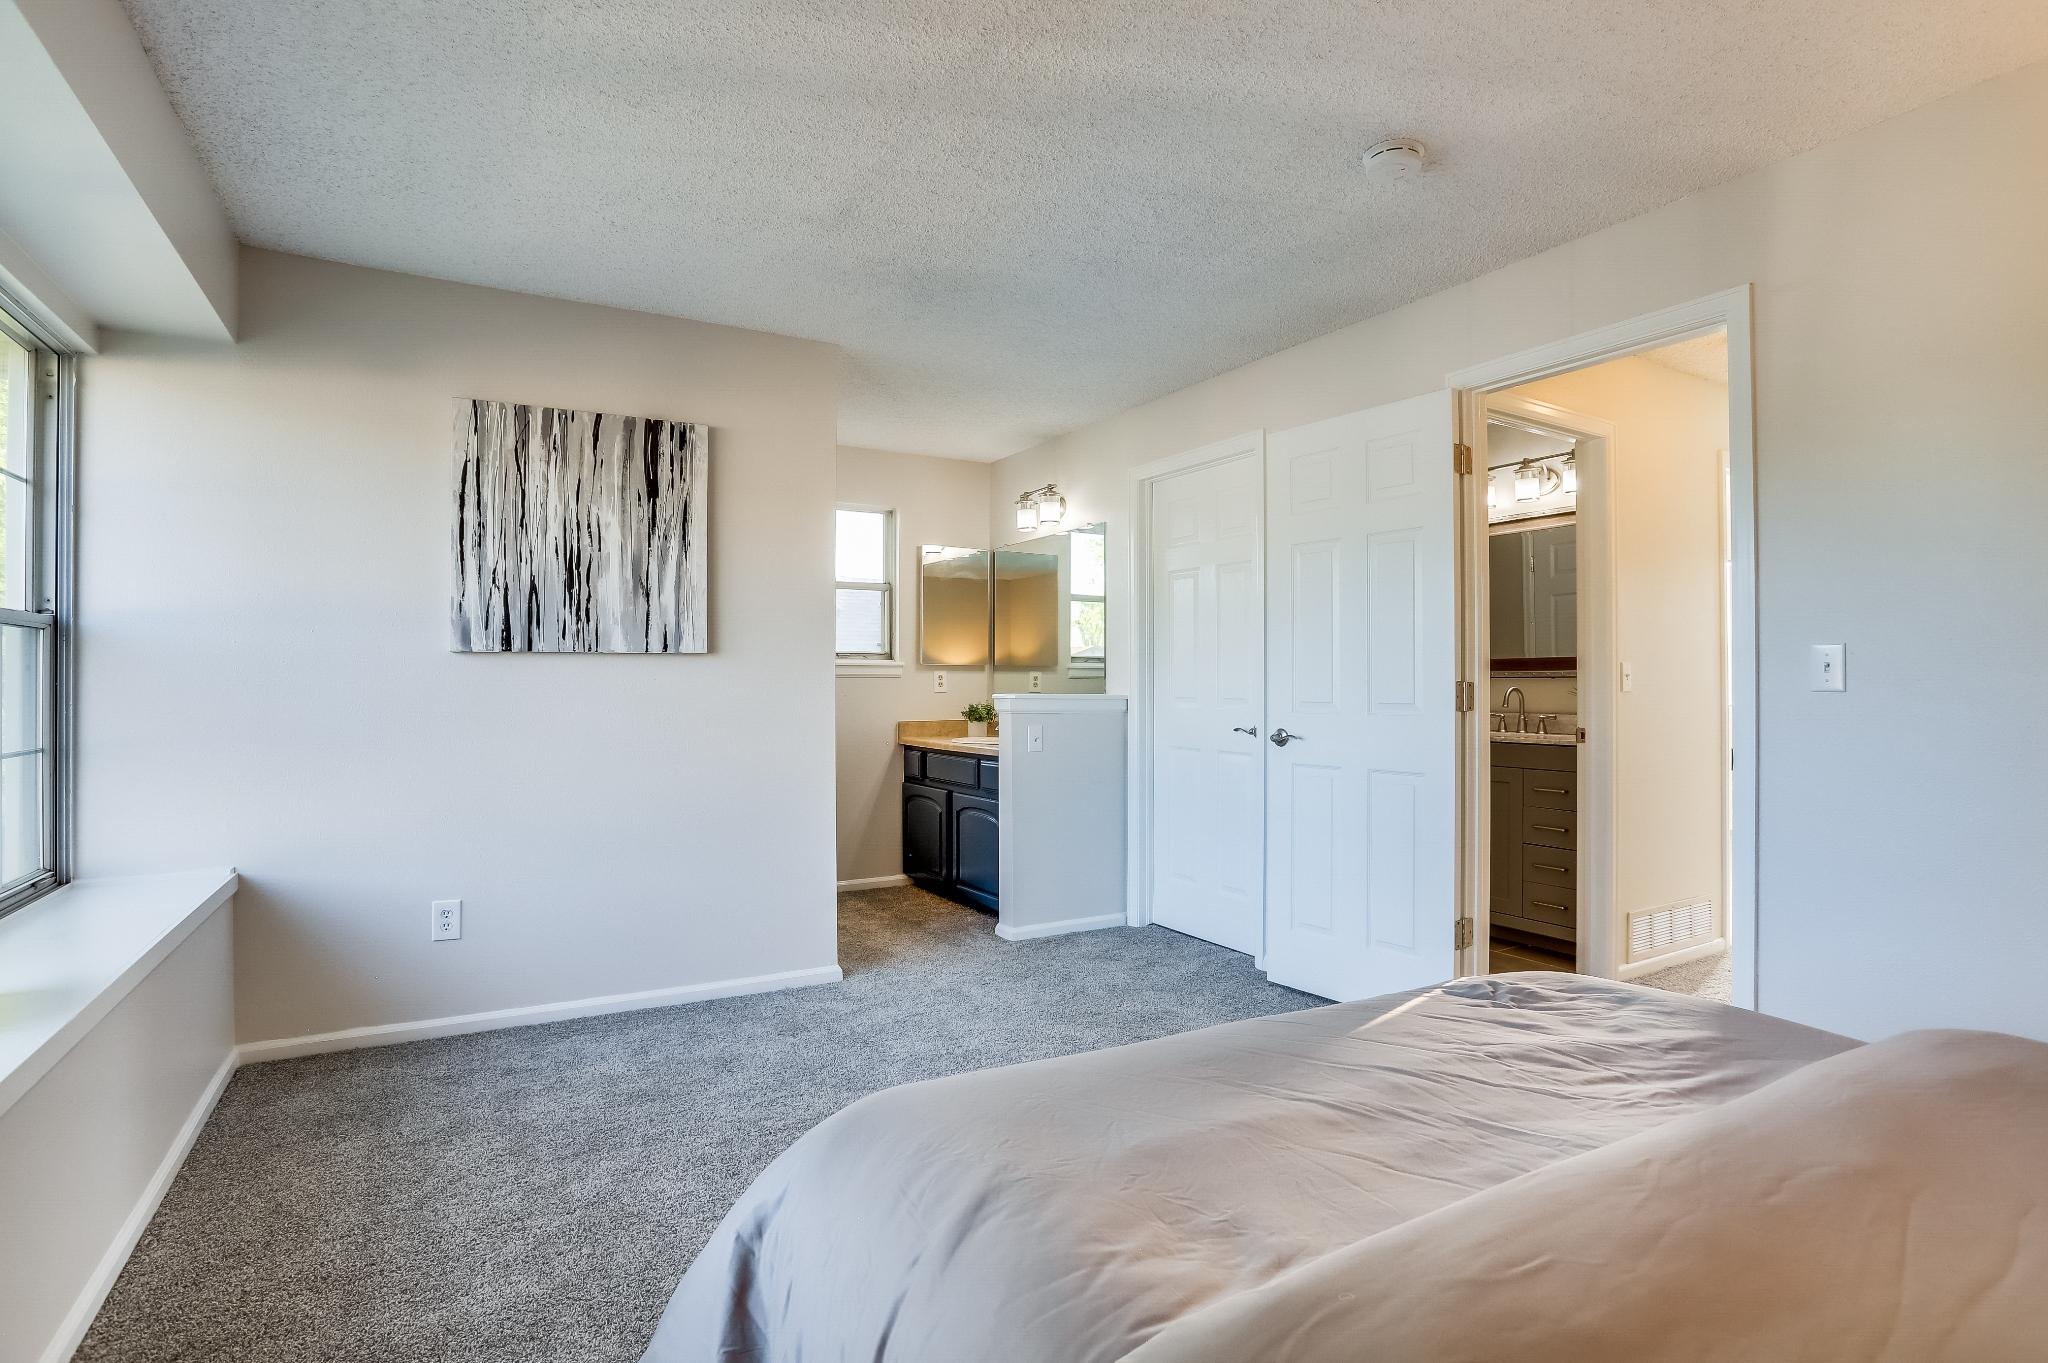 REAL ESTATE LISTING: 4421 Eugene Way Denver Master Bedroom